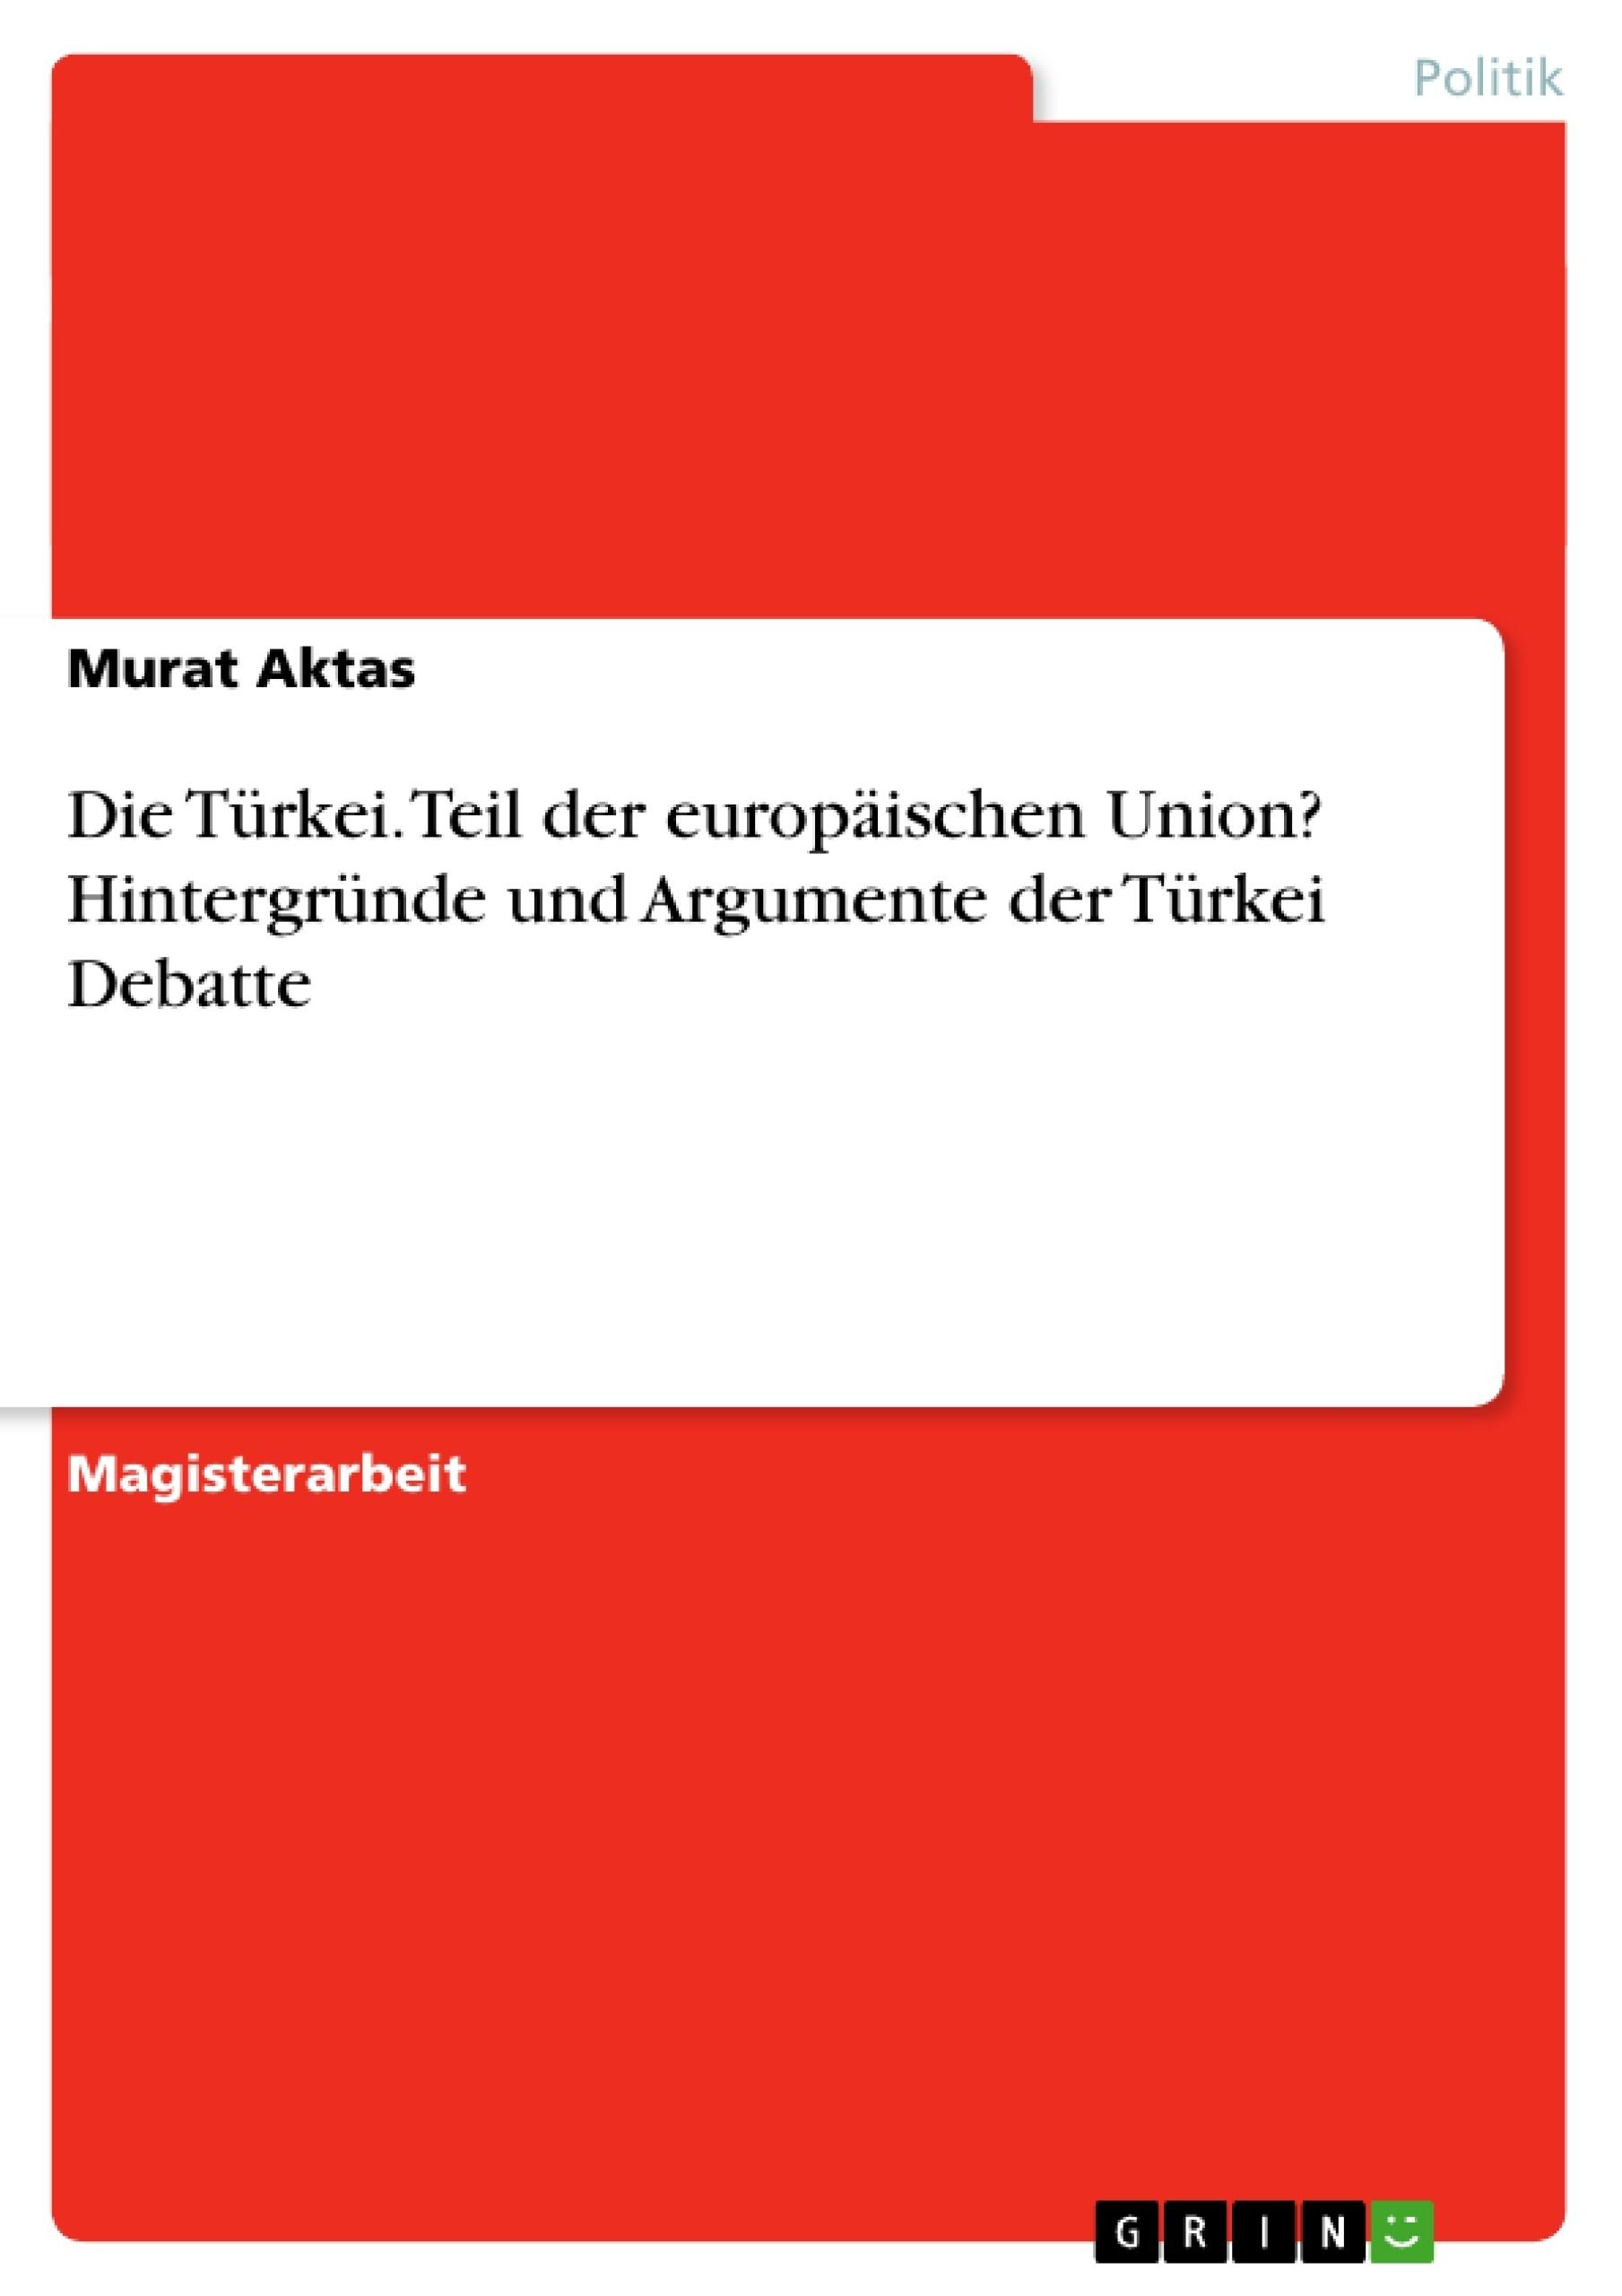 Titel: Die Türkei. Teil der europäischen Union? Hintergründe und Argumente der Türkei Debatte